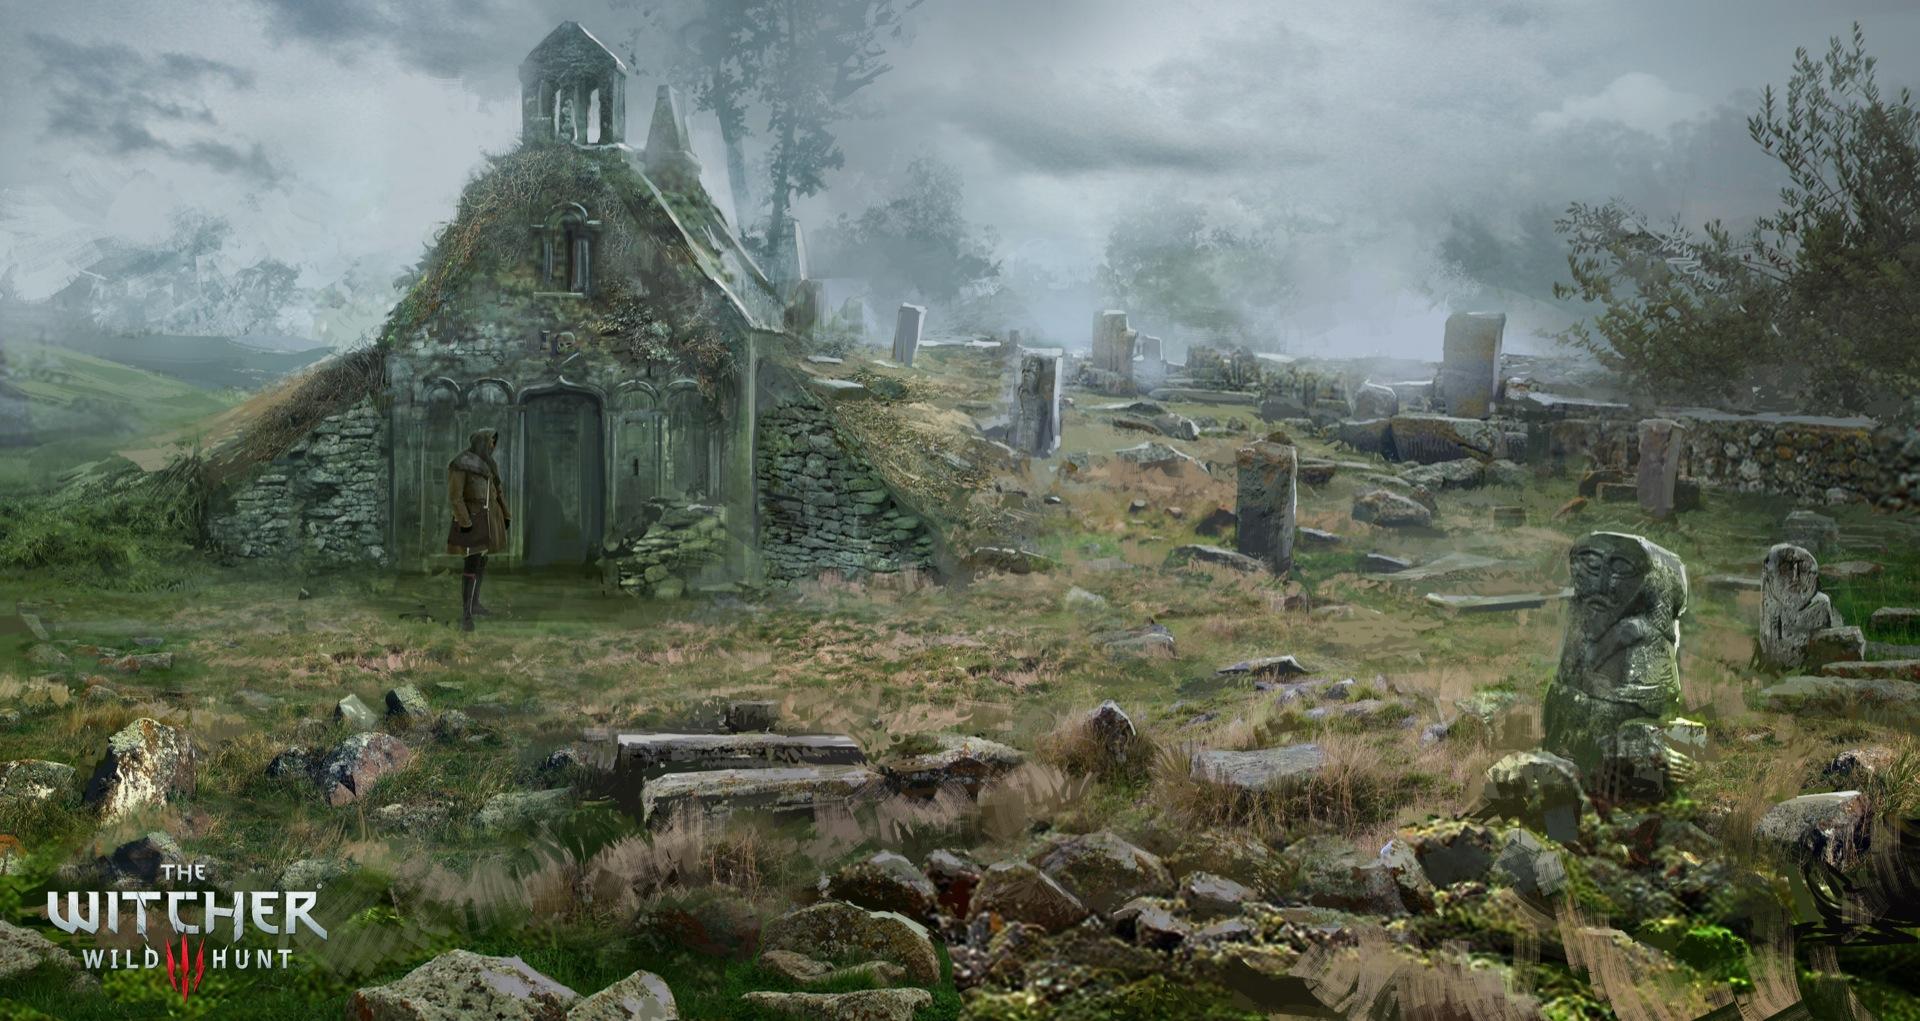 تریلری از زیبایی های بازی The Witcher3 : Wild Hunt - 4K